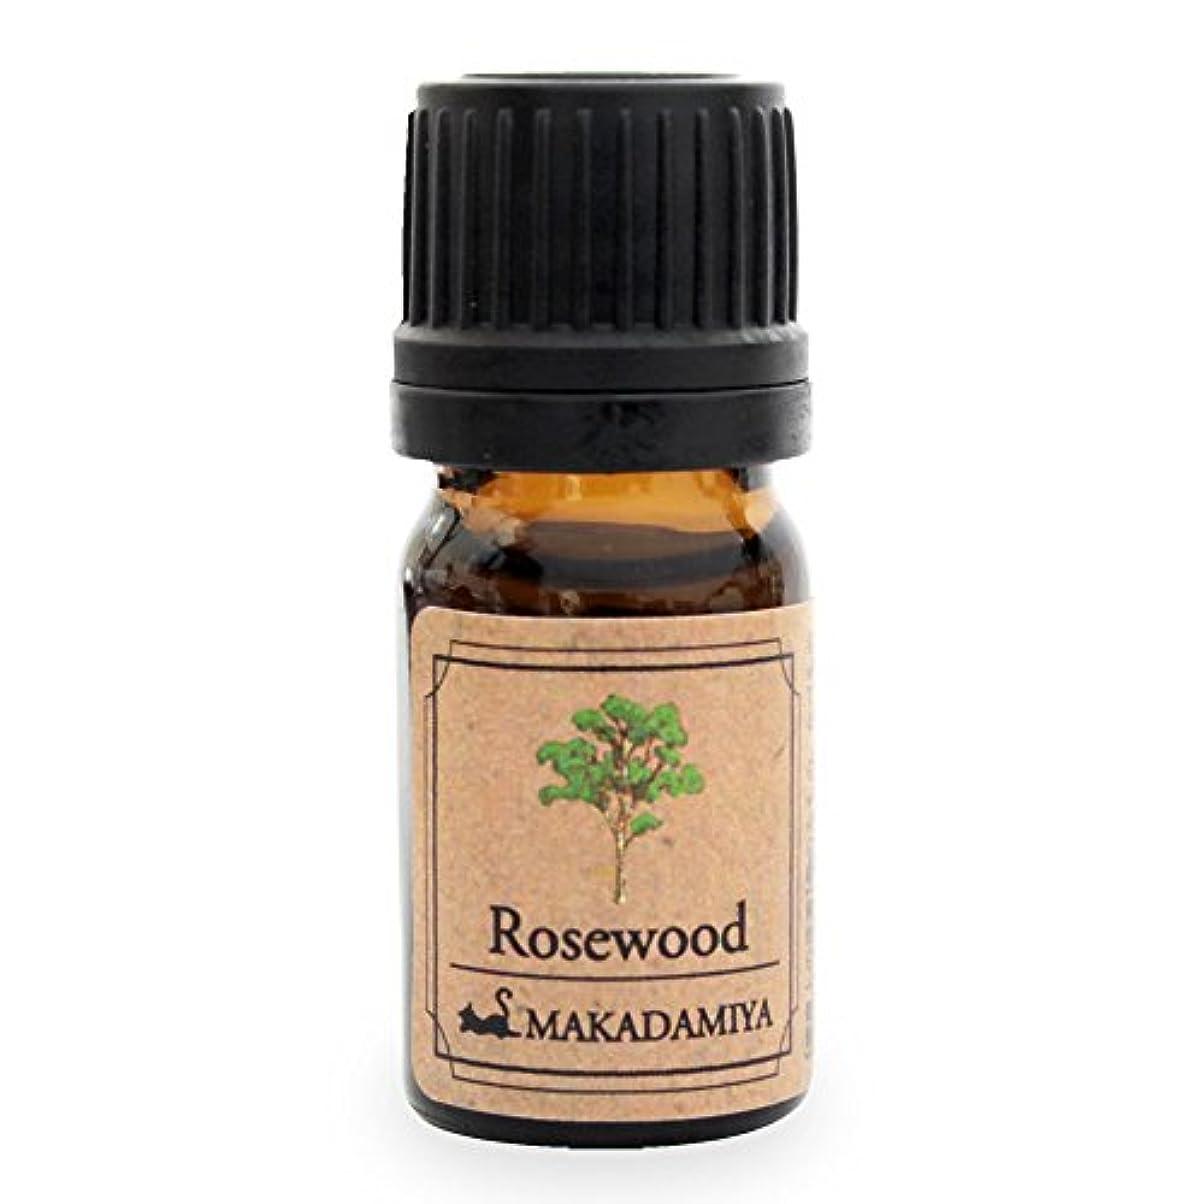 ビル行政カートローズウッド5ml 天然100%植物性 エッセンシャルオイル(精油) アロマオイル アロママッサージ aroma Rosewood